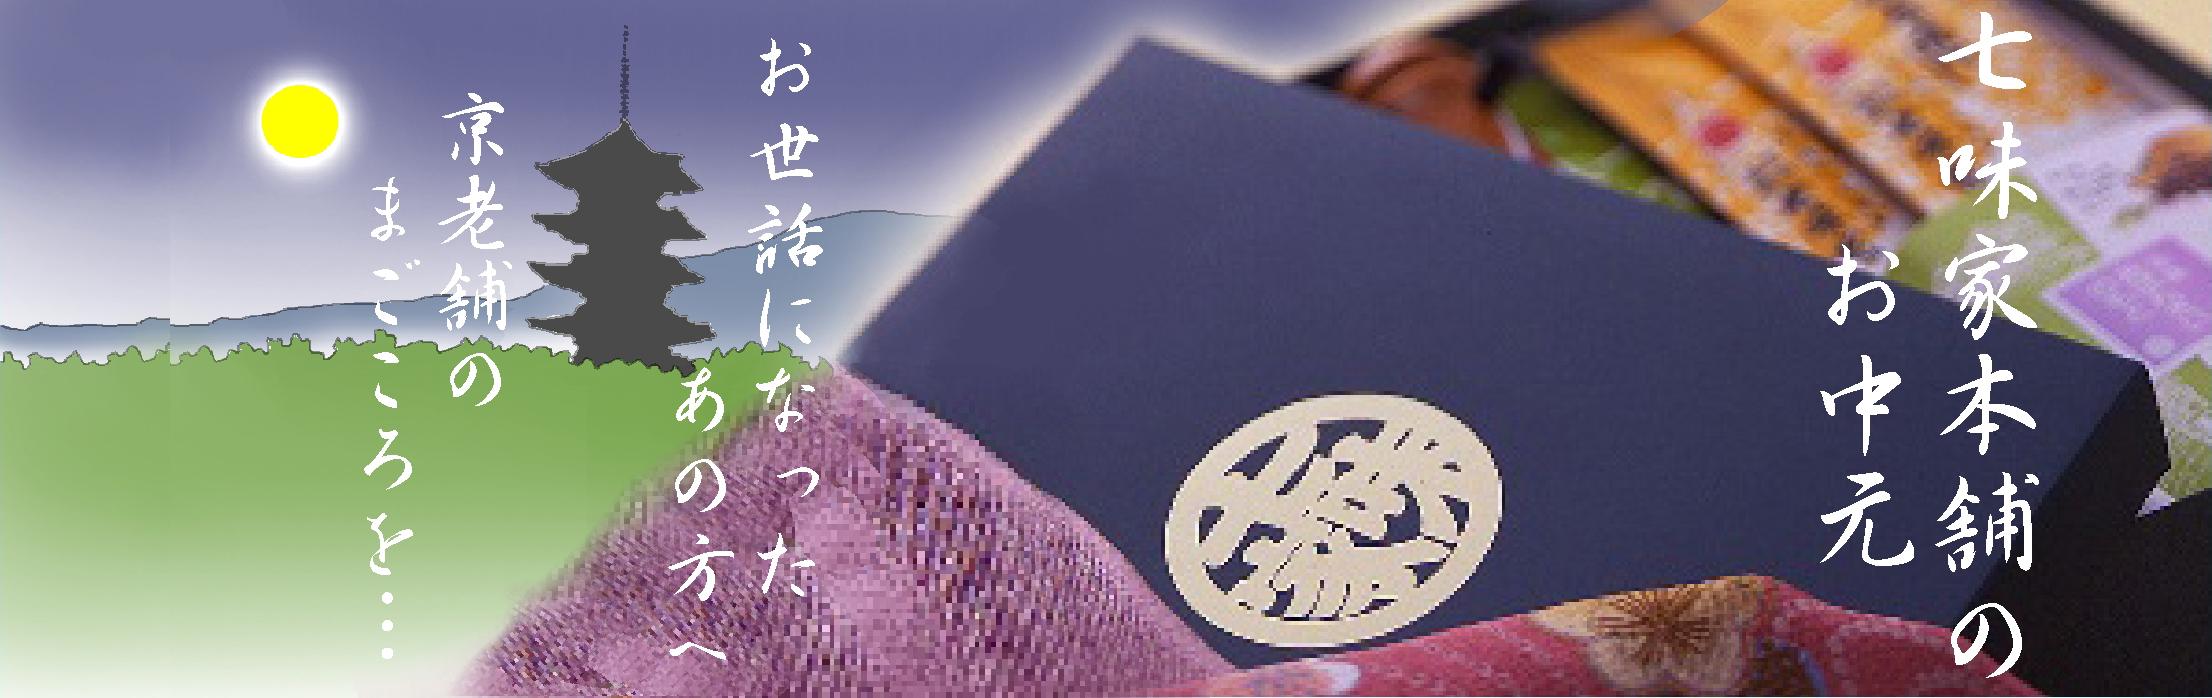 お世話になったあの方へ 京都から 心を込めた贈り物